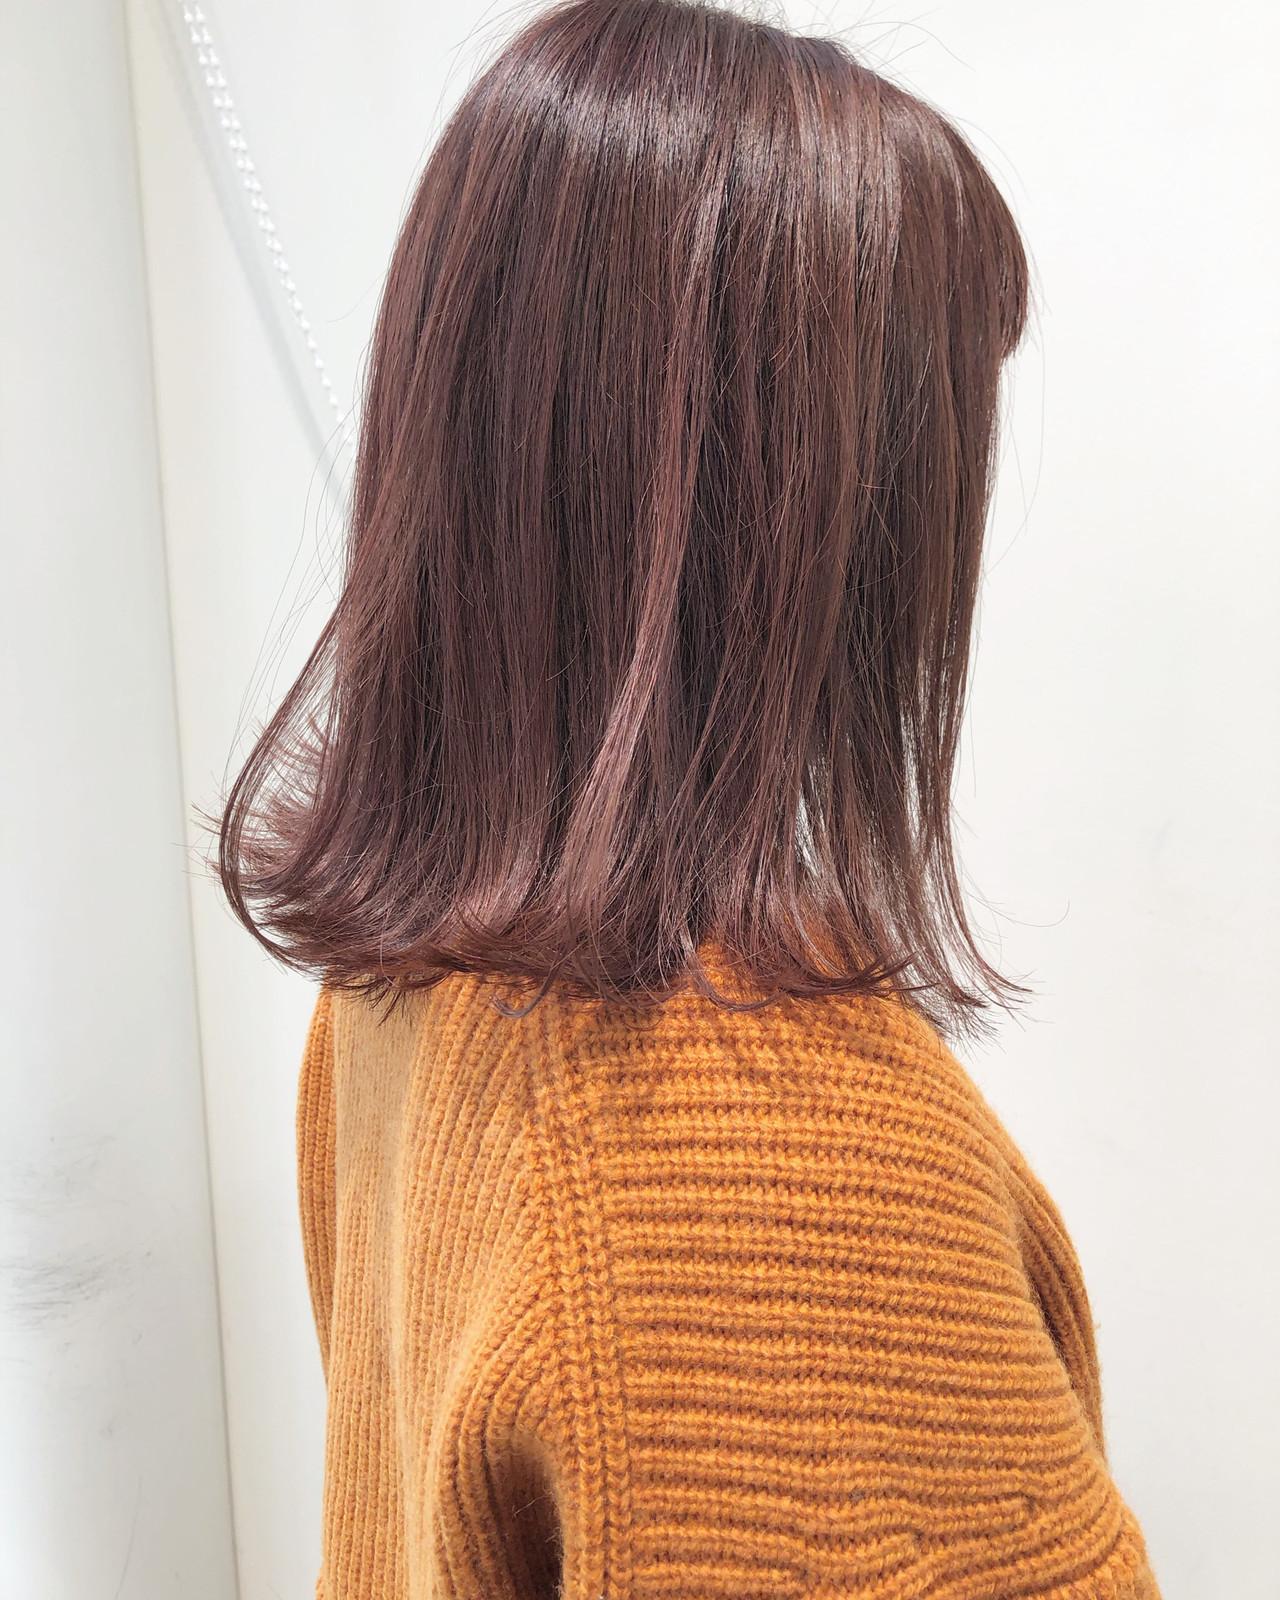 ロブ アンニュイほつれヘア 切りっぱなしボブ ピンク ヘアスタイルや髪型の写真・画像